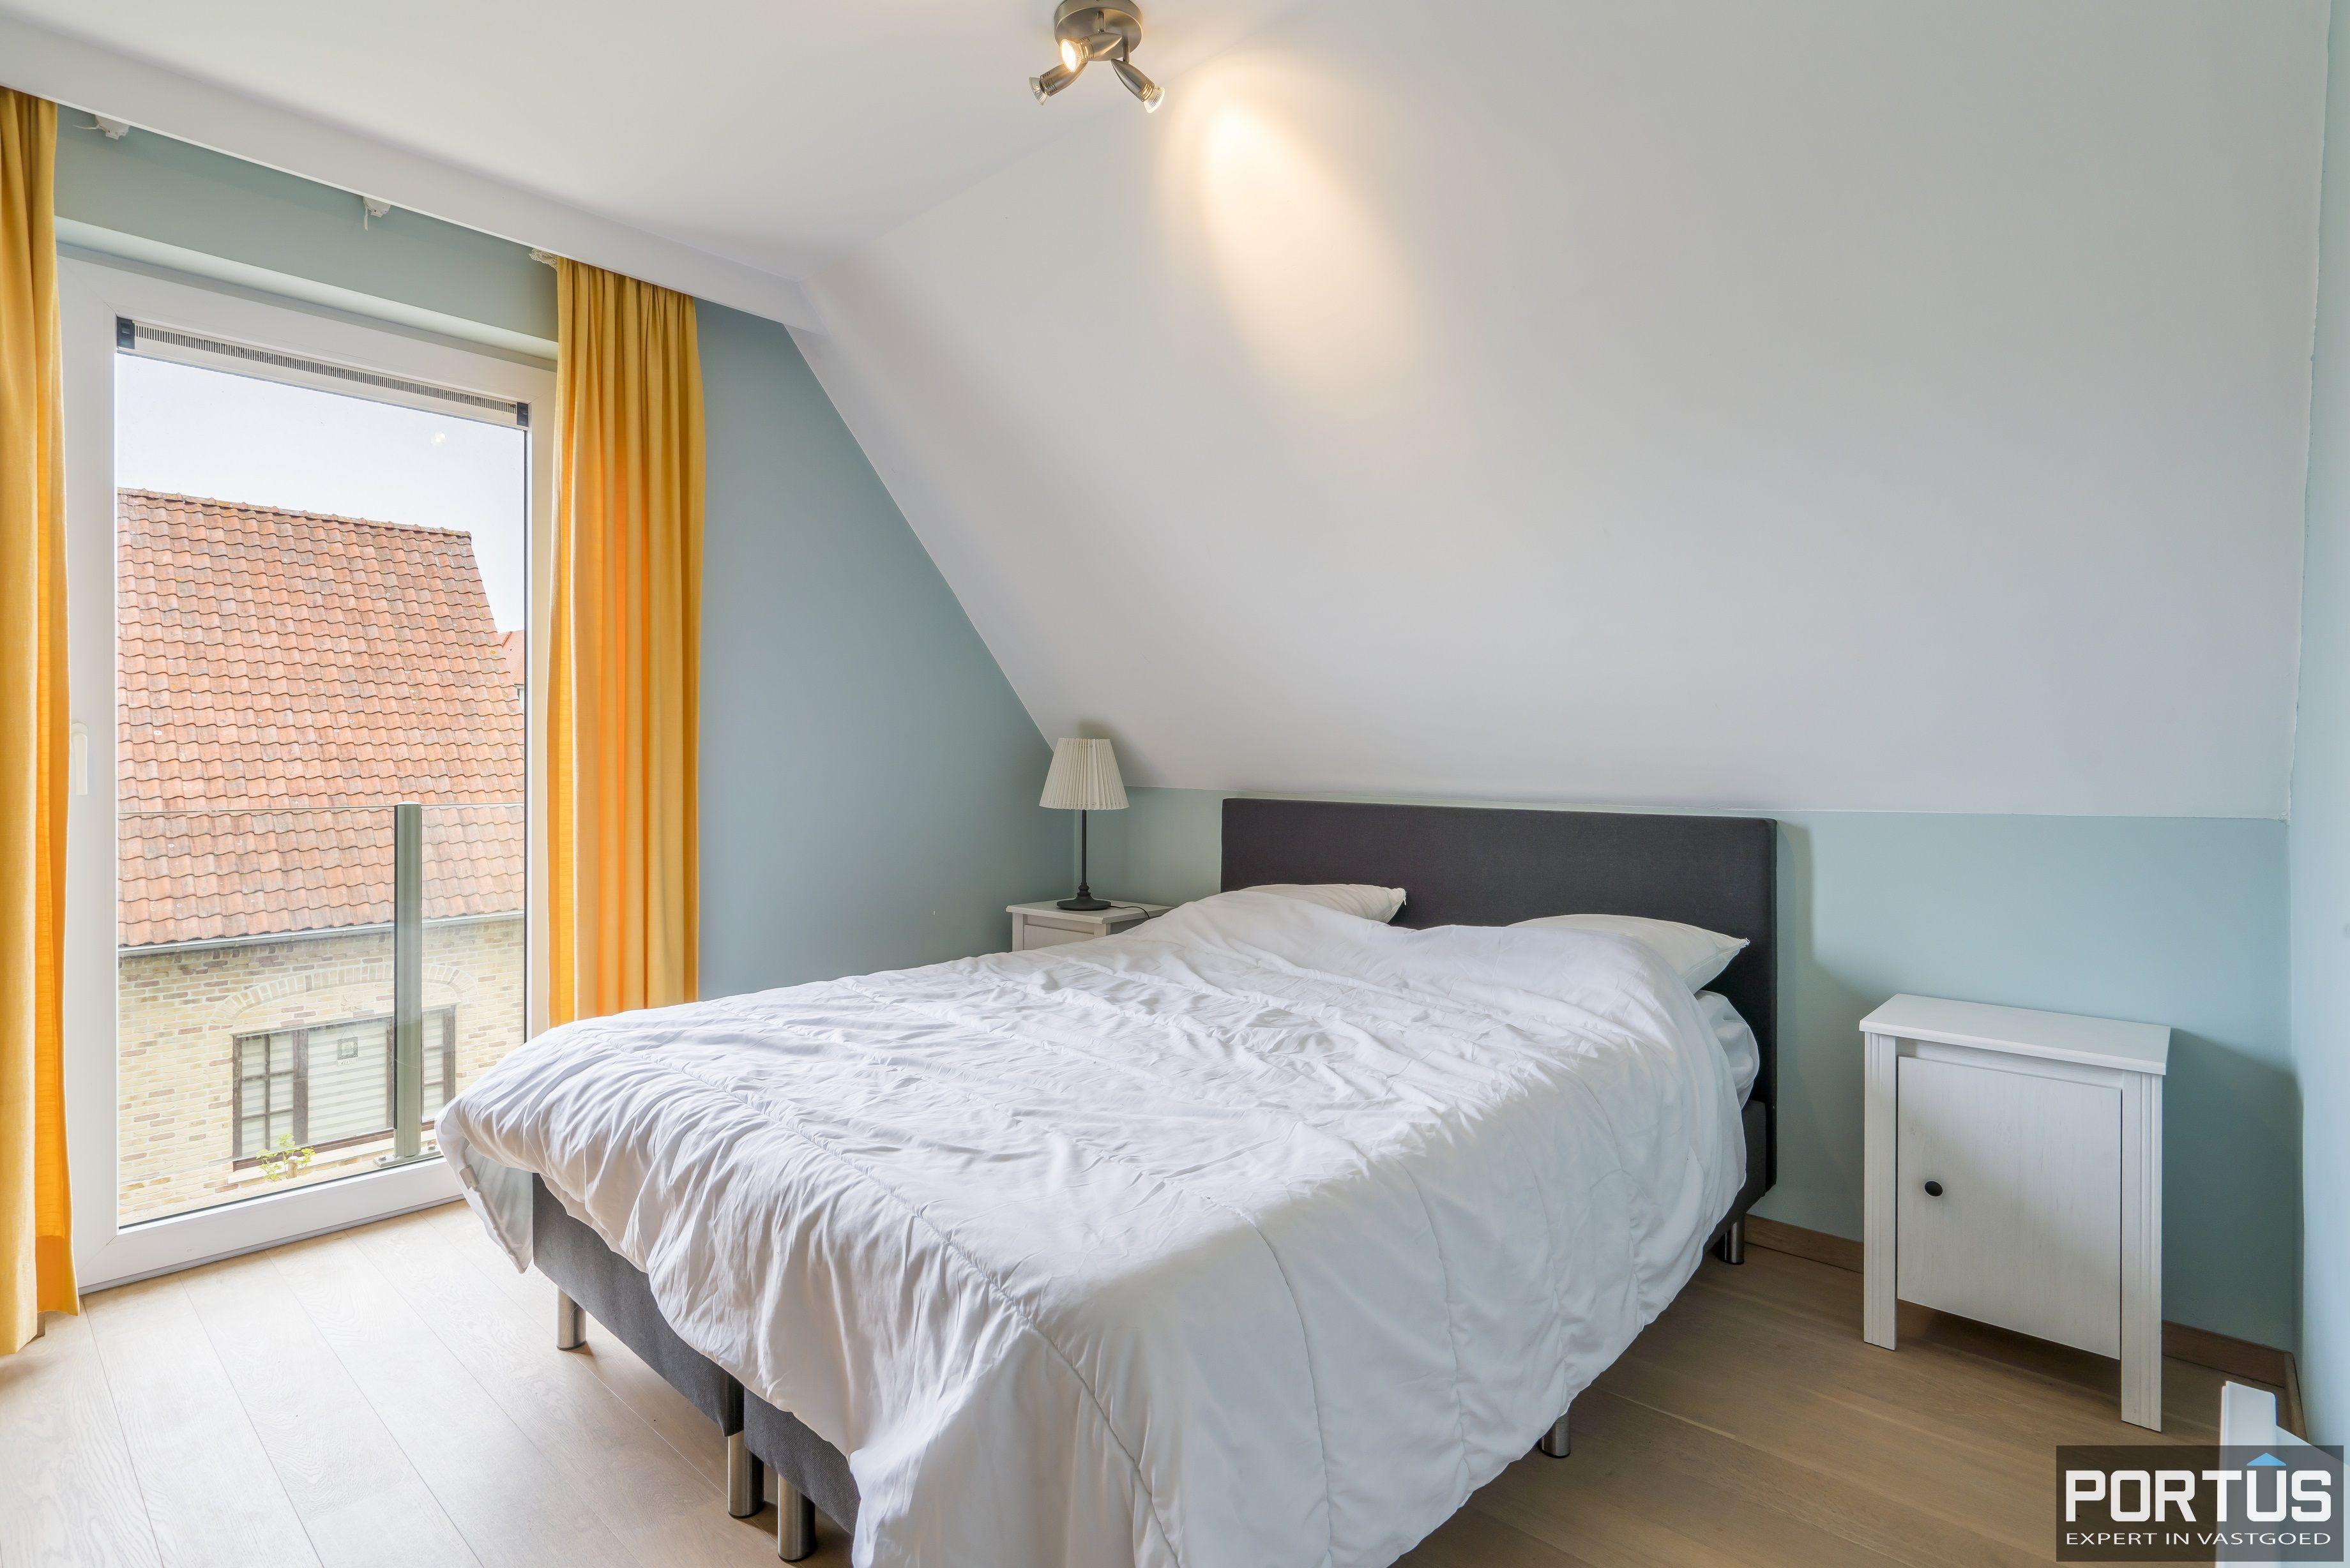 Appartement te koop te Nieuwpoort met 4 slaapkamers - 12980